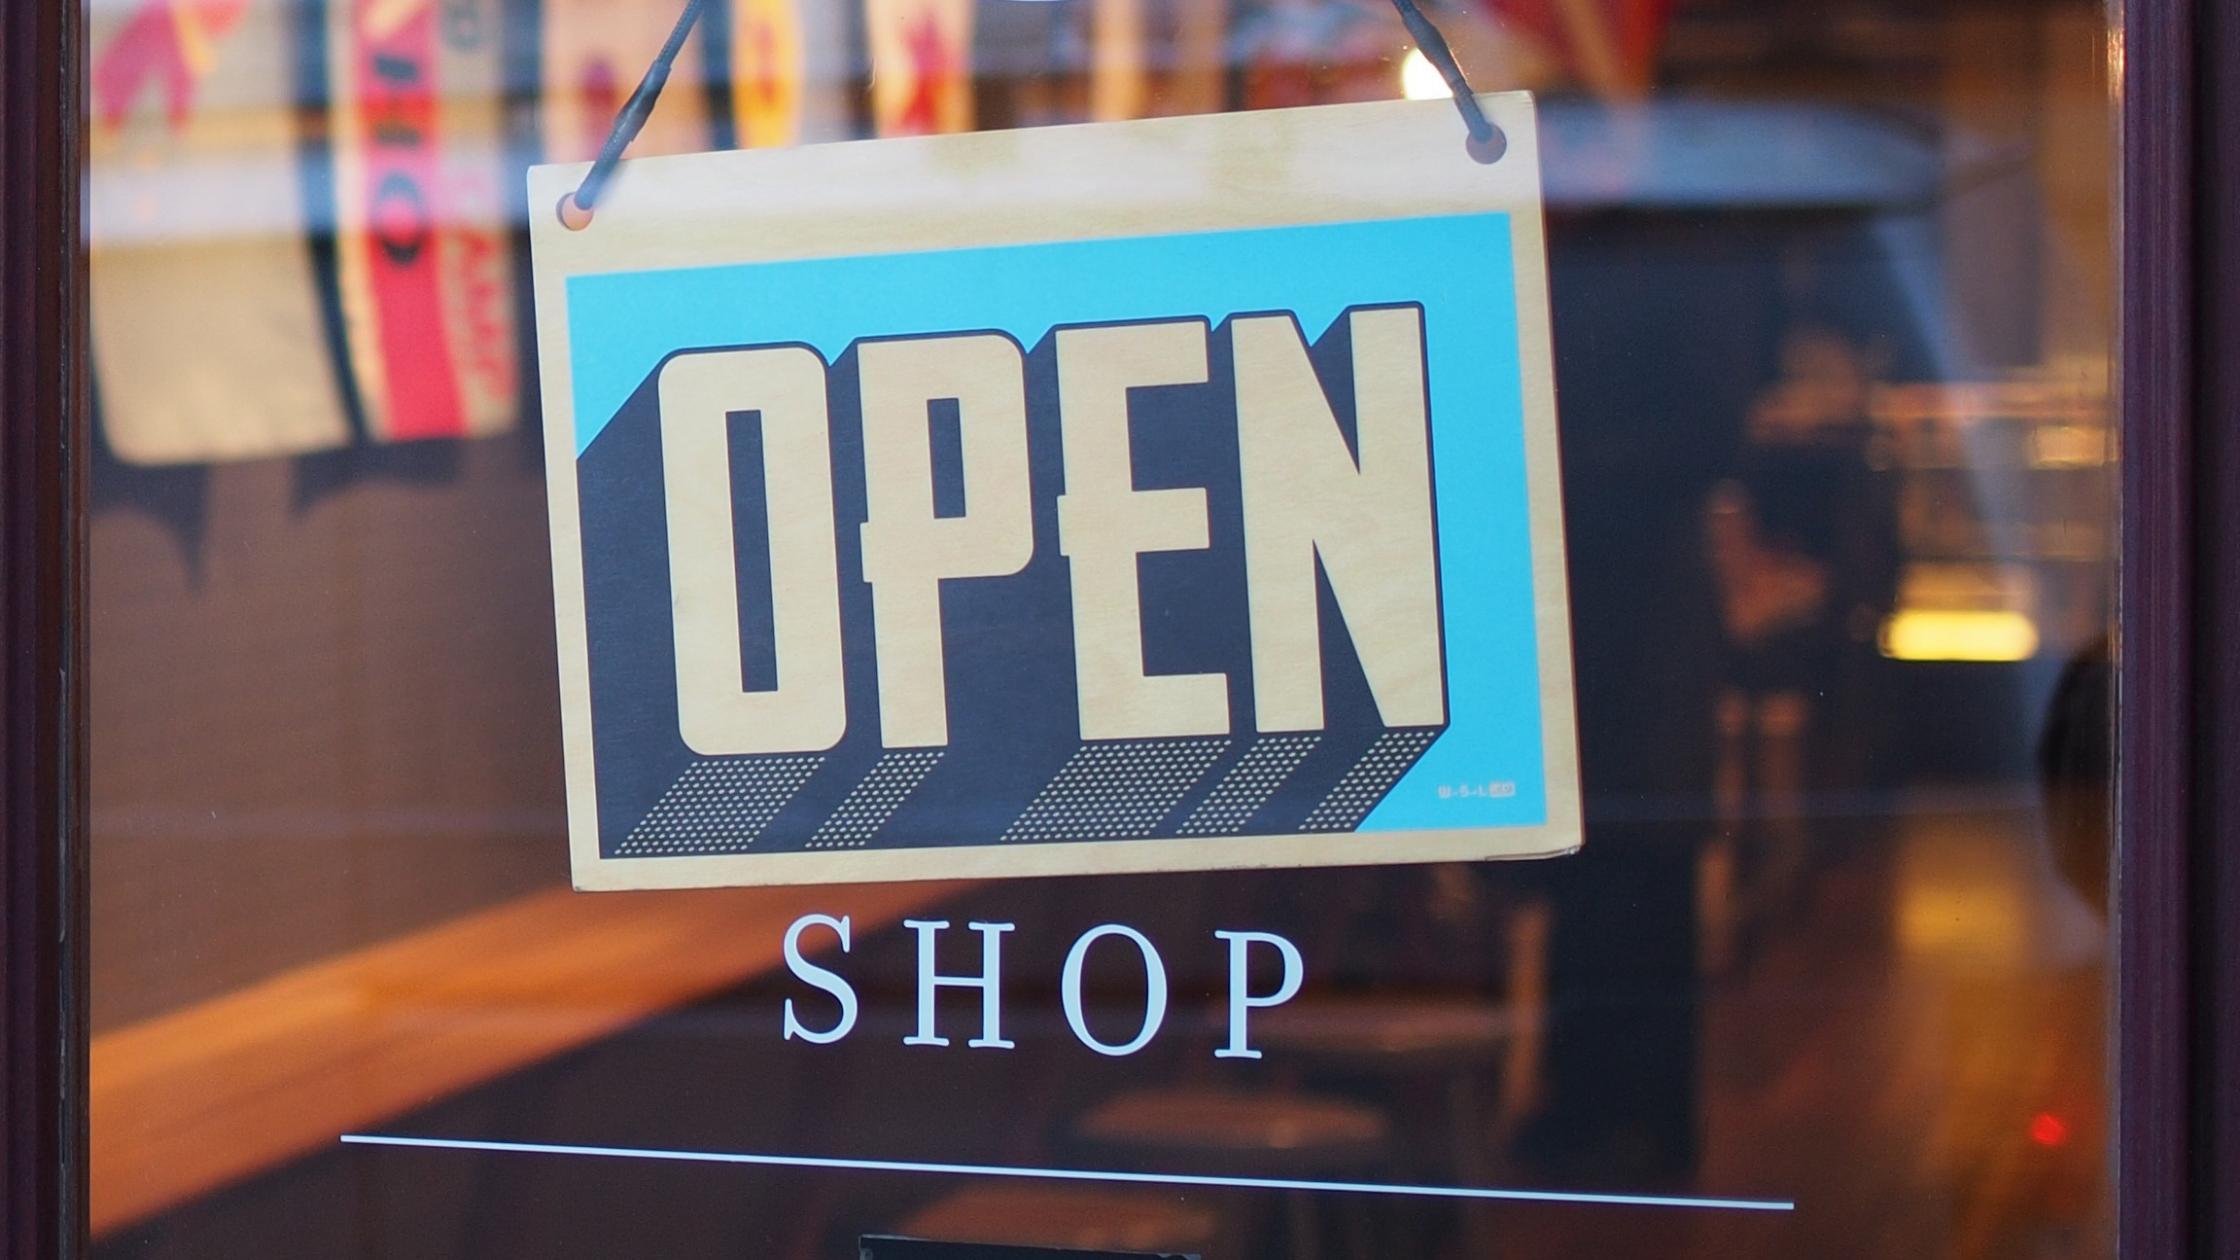 Open sign on a shop door